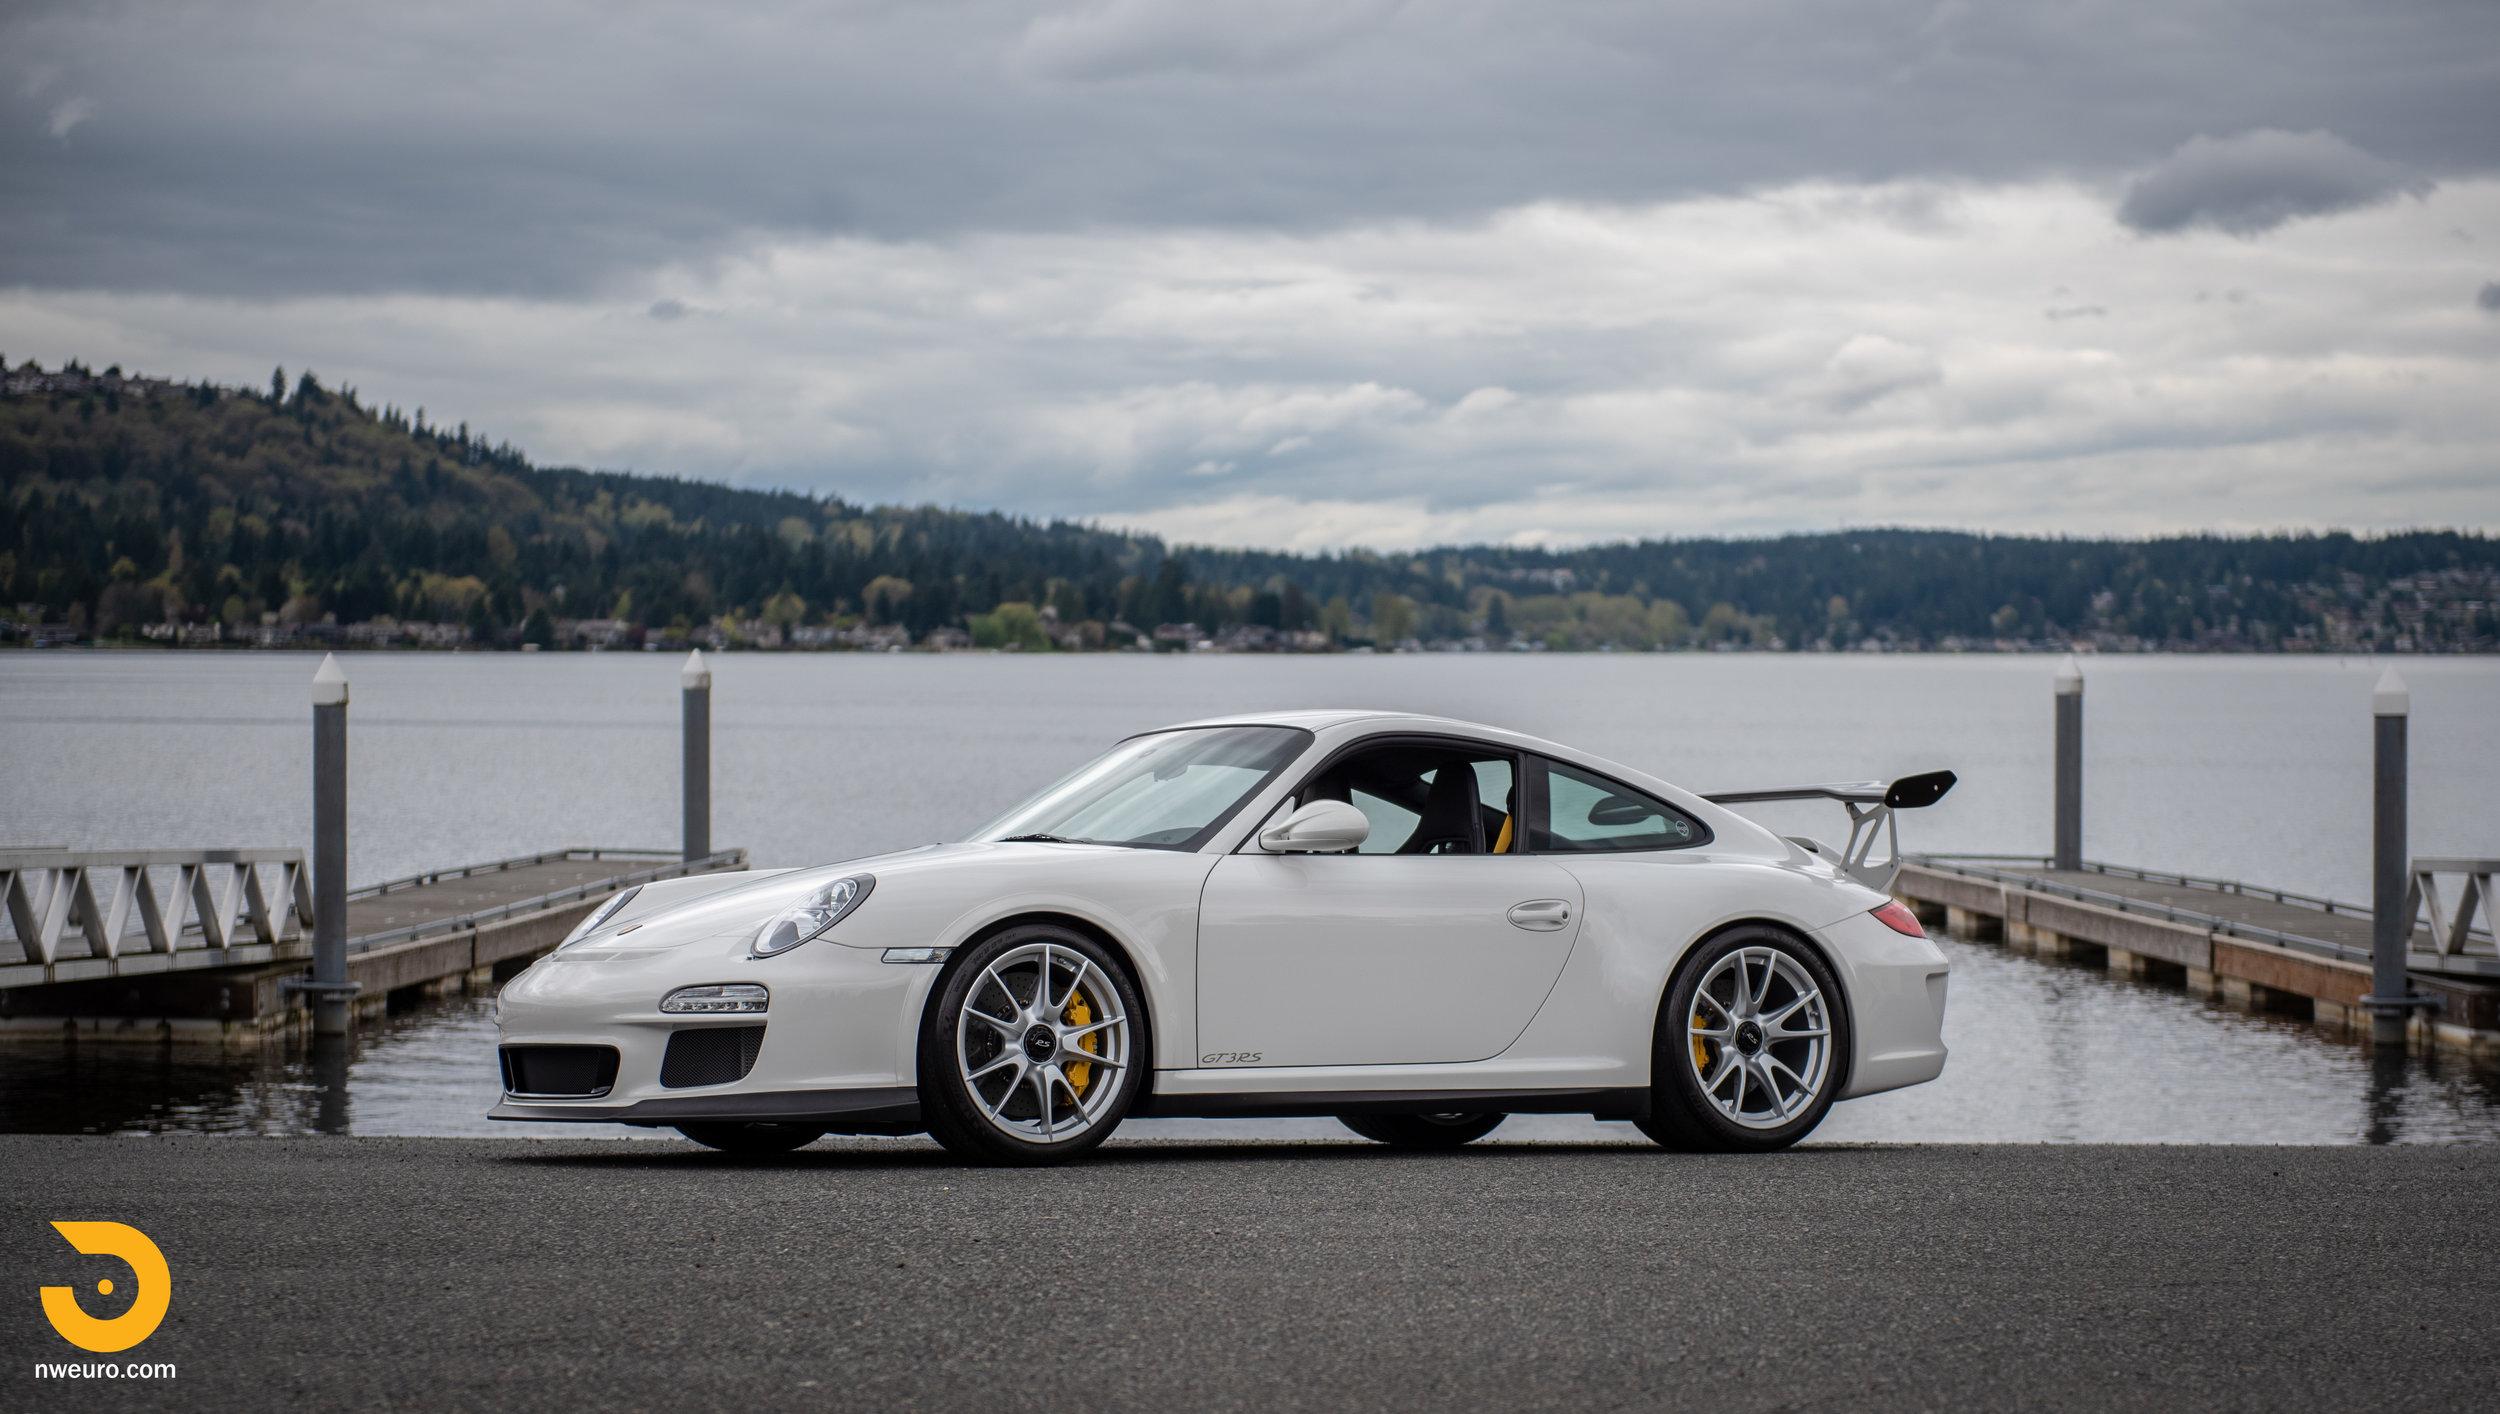 2011 Porsche GT3 RS-47.jpg